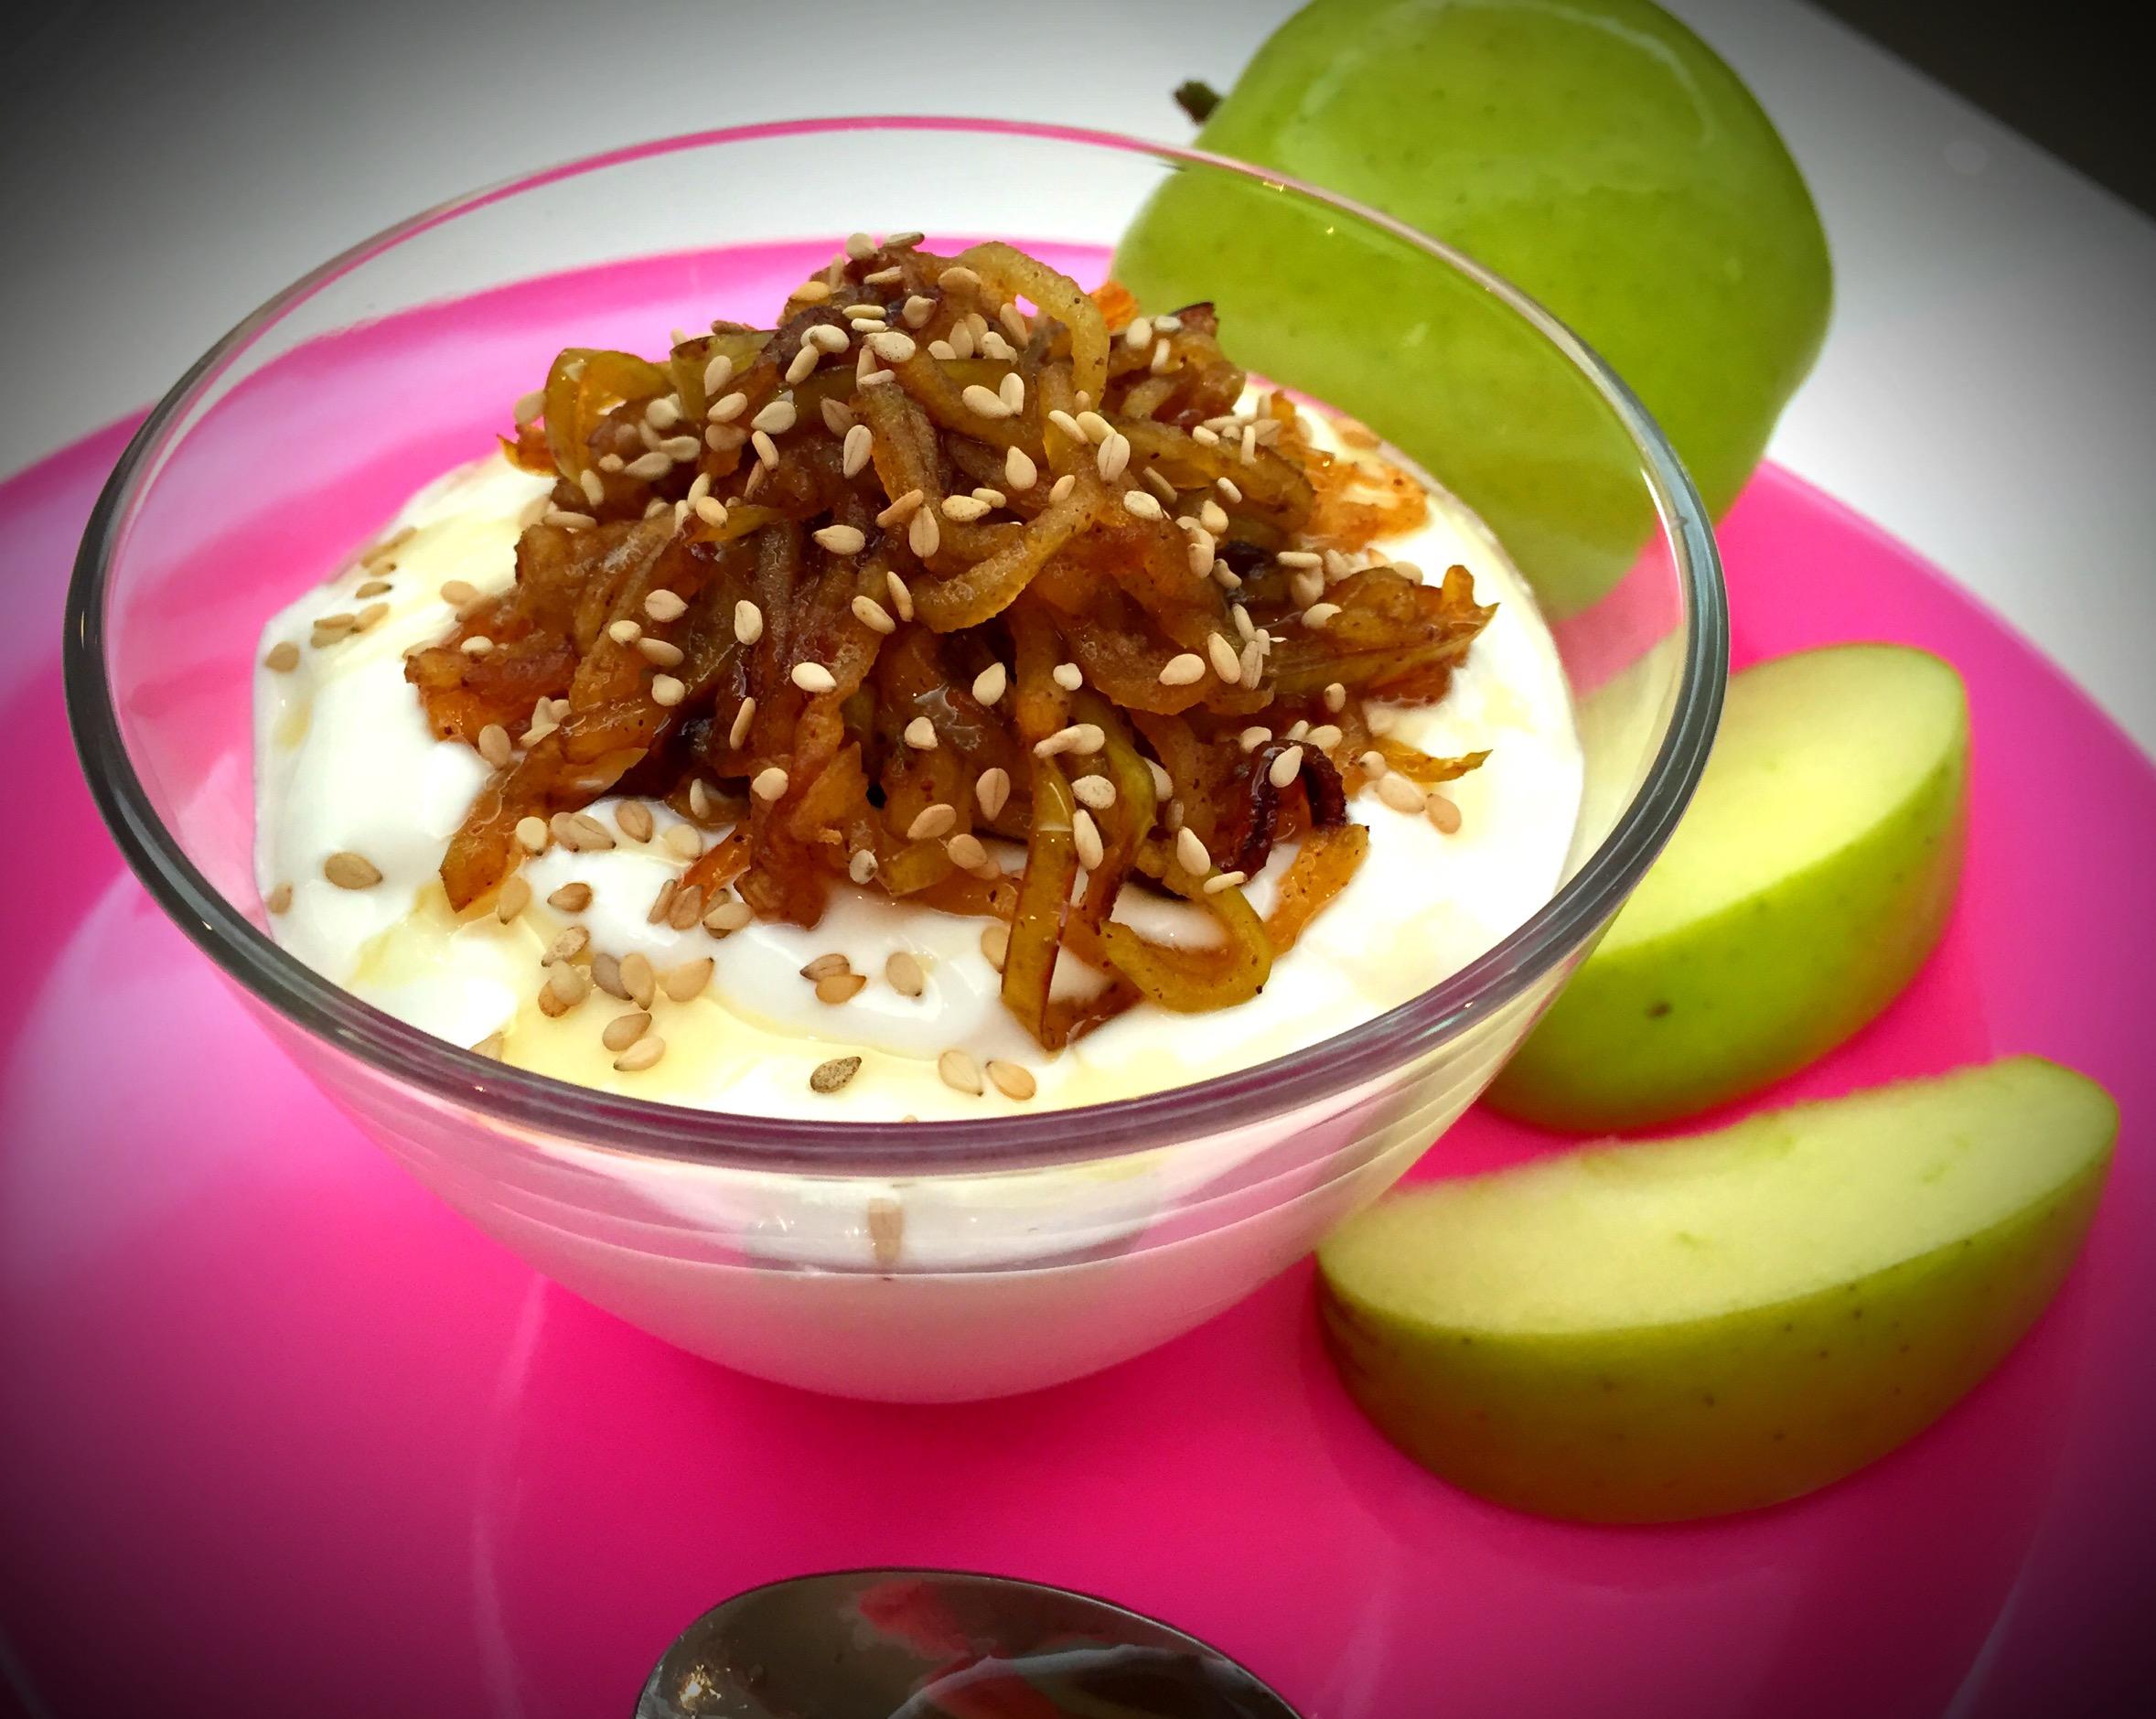 Iogurte grego com maçã caramelizada - Blog da Spice